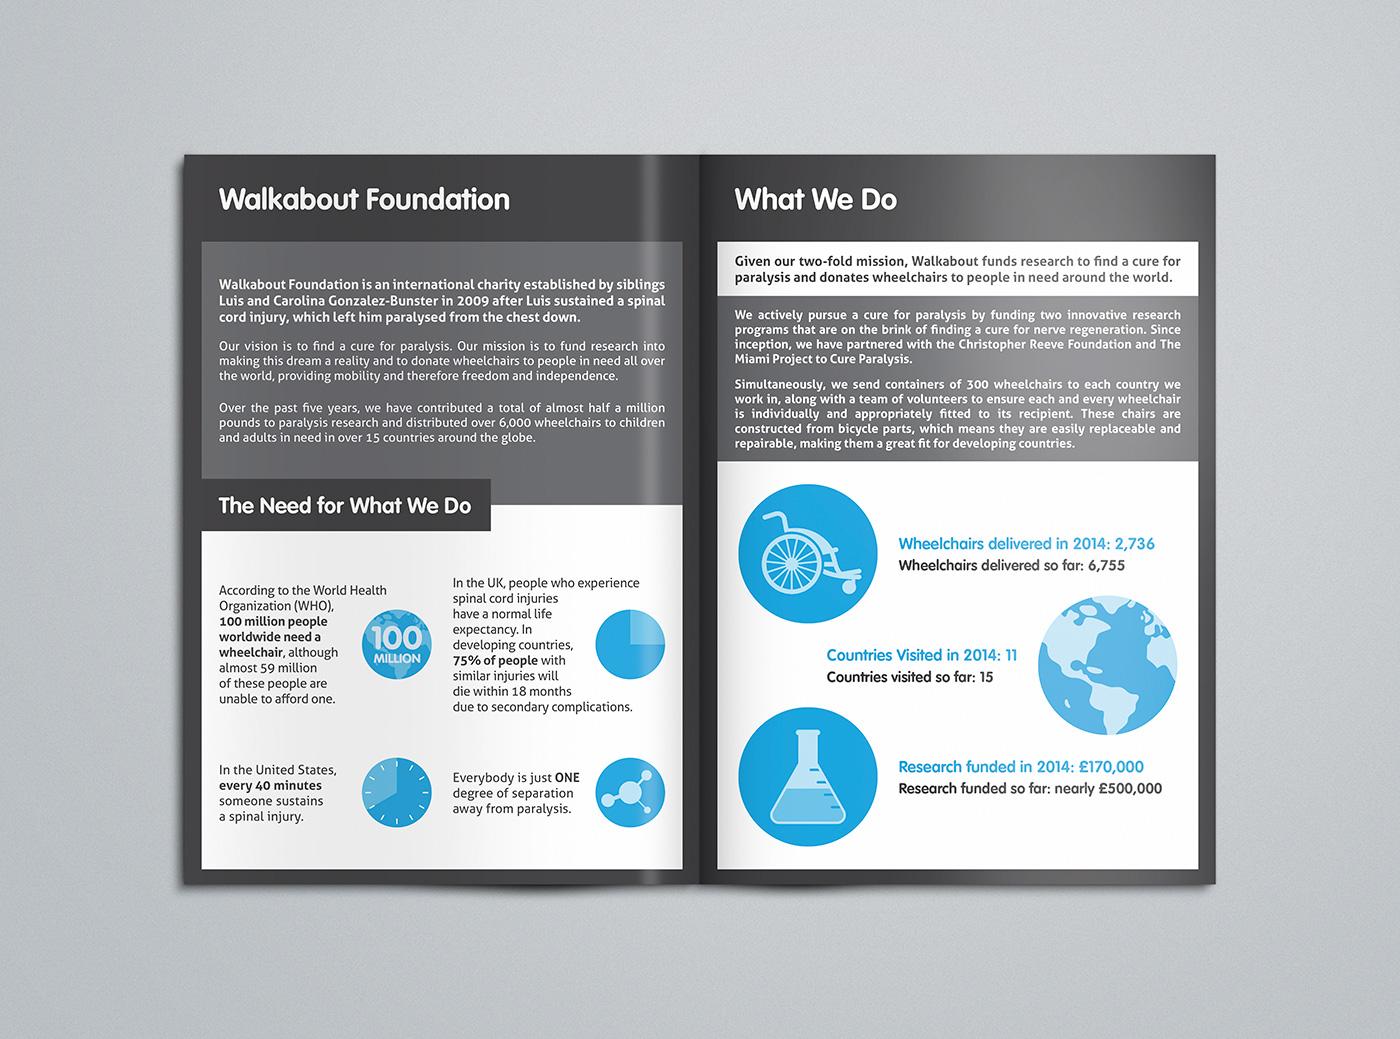 Walkabout-Foundation_2014-Financial-Summary_02_Rob-Barrett